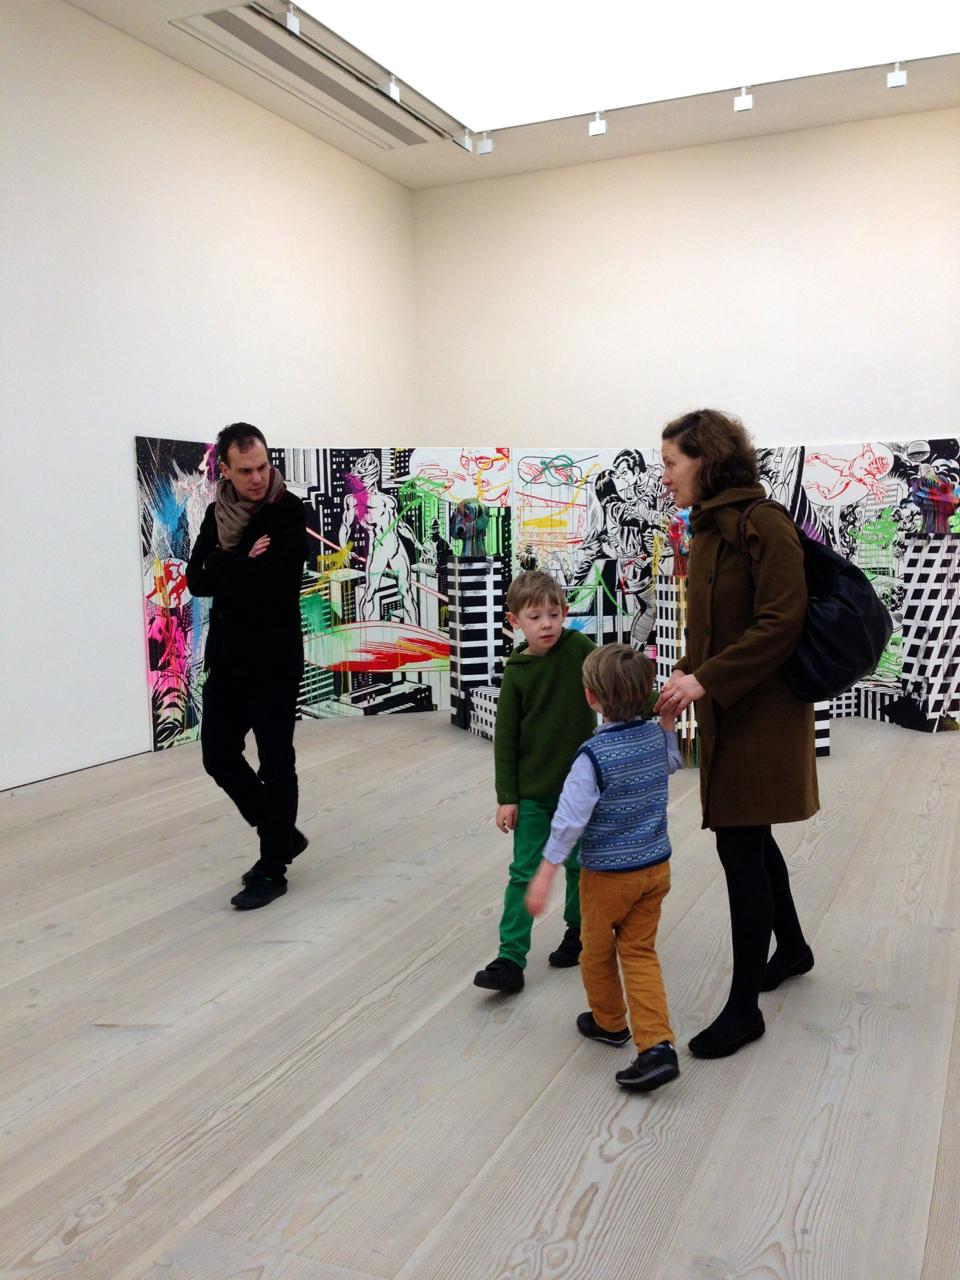 Gosto especialmente de famílias em galerias e museus.  Na Bienal em São Paulo, vi tantas famílias.  Isto é tão bacana!  Expor, sempre faz bem!